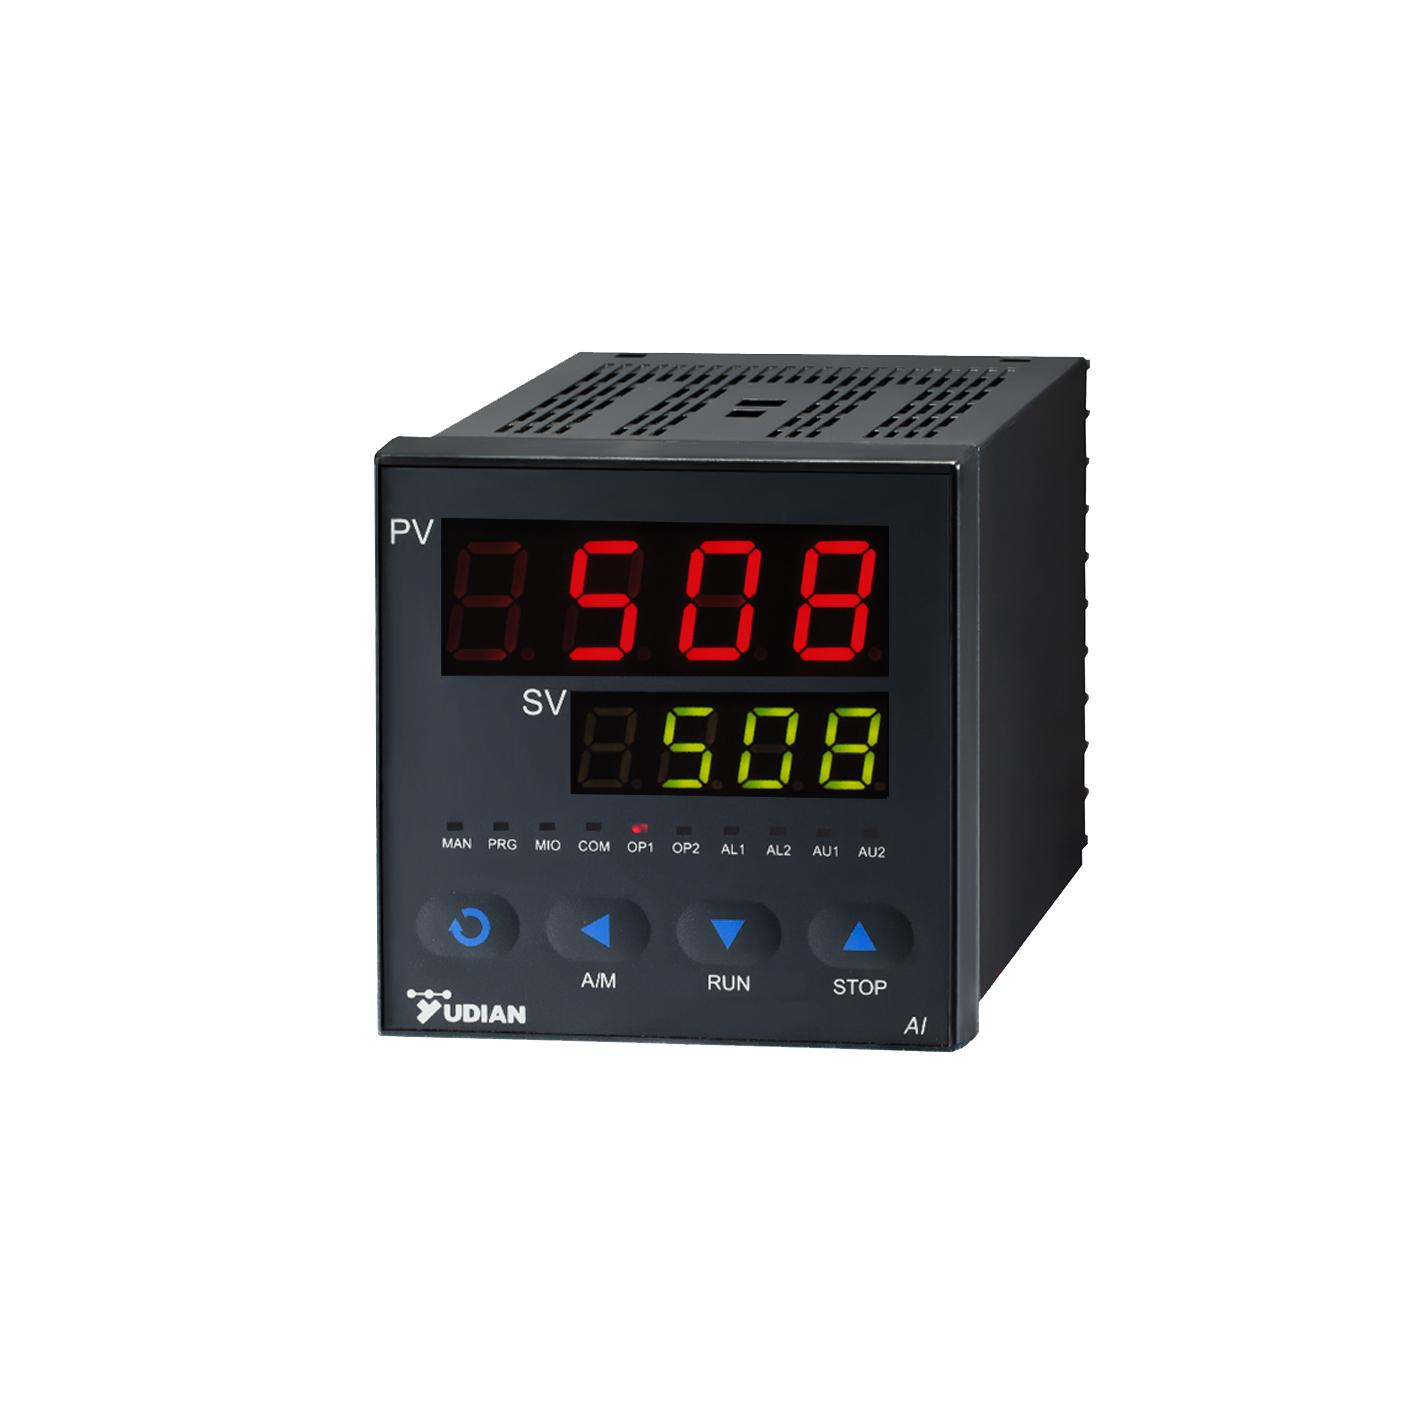 低温下的大面积来源。冷却和加热的高精度热电模块。... 0 ... 170C (X4, X6, X8) 0 ... 150C (X12) 加热发射器形状: 热板均匀 有效 发射率: 1.00 = 8 ... 14微米 (对于其他波长温度校正表发射率) 标准校准方法: (大面积 测温校准源温度高达400C可以选择性进行校准thermometrically) 面积: M 345 X4: 101 x 101 mm M 345 X6: 152 x 152 mm M 345 X8: 204 x 204 mm M